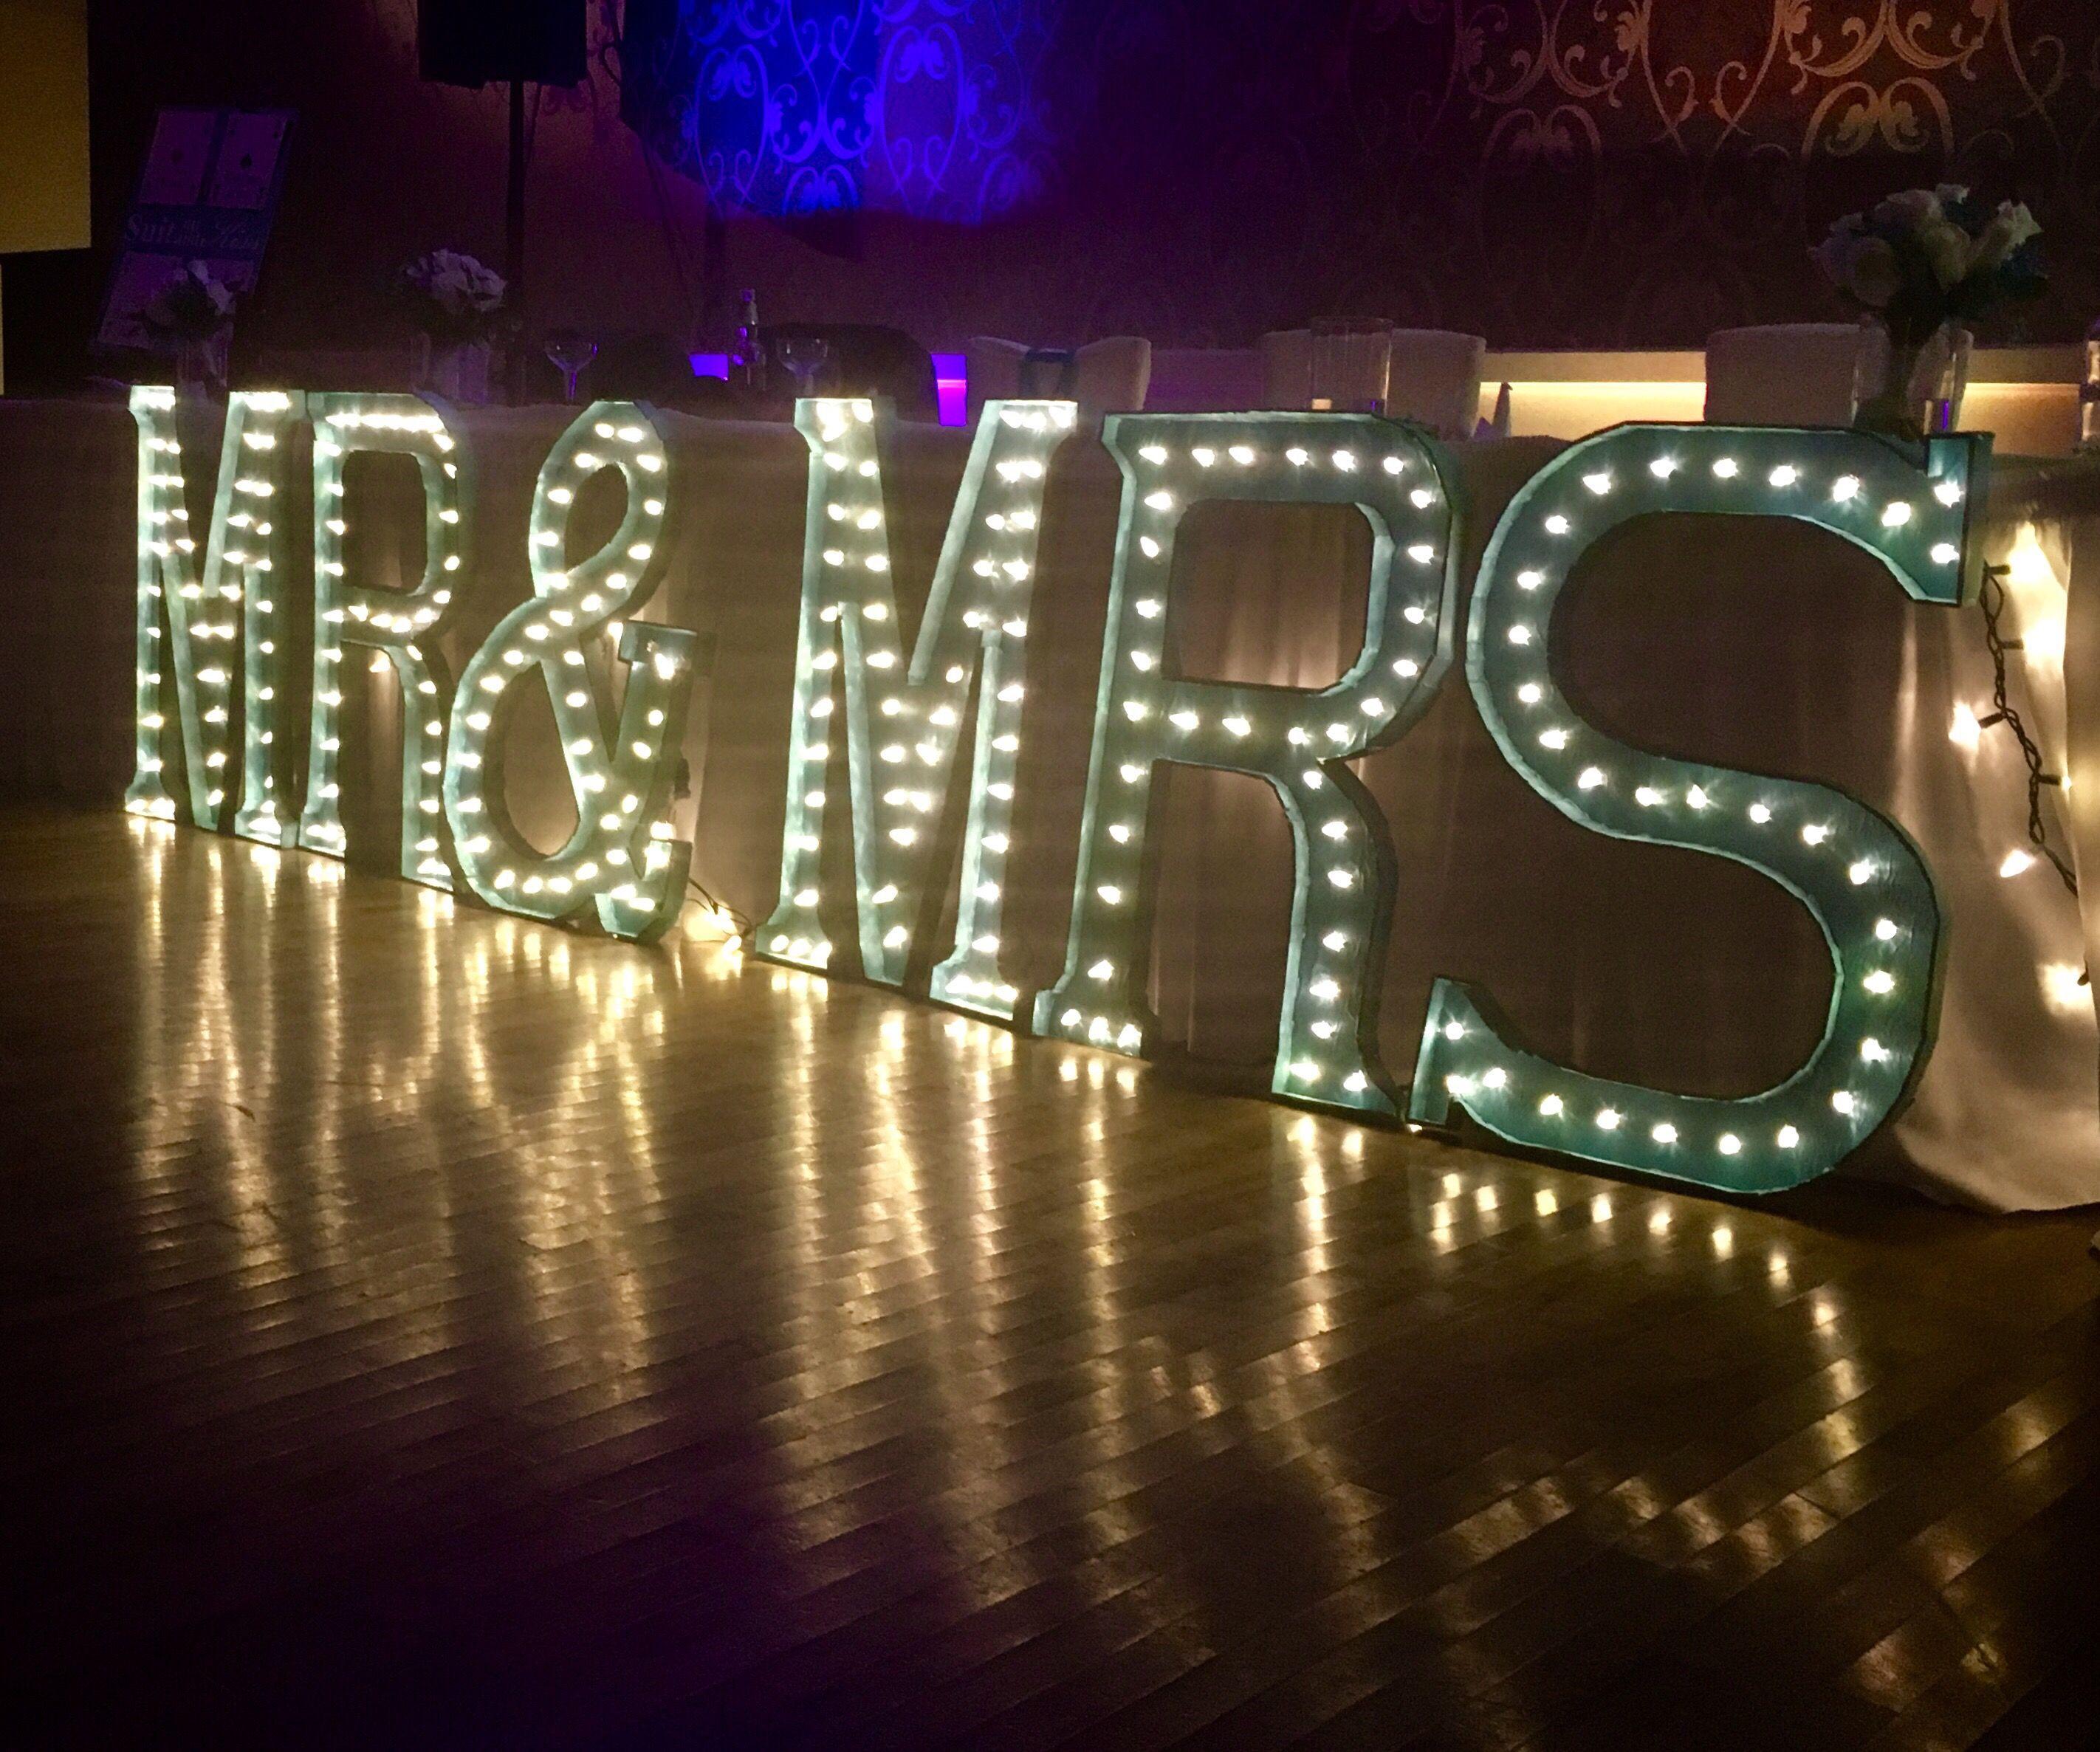 Giant MR & MRS Light-Up Letters for Wedding